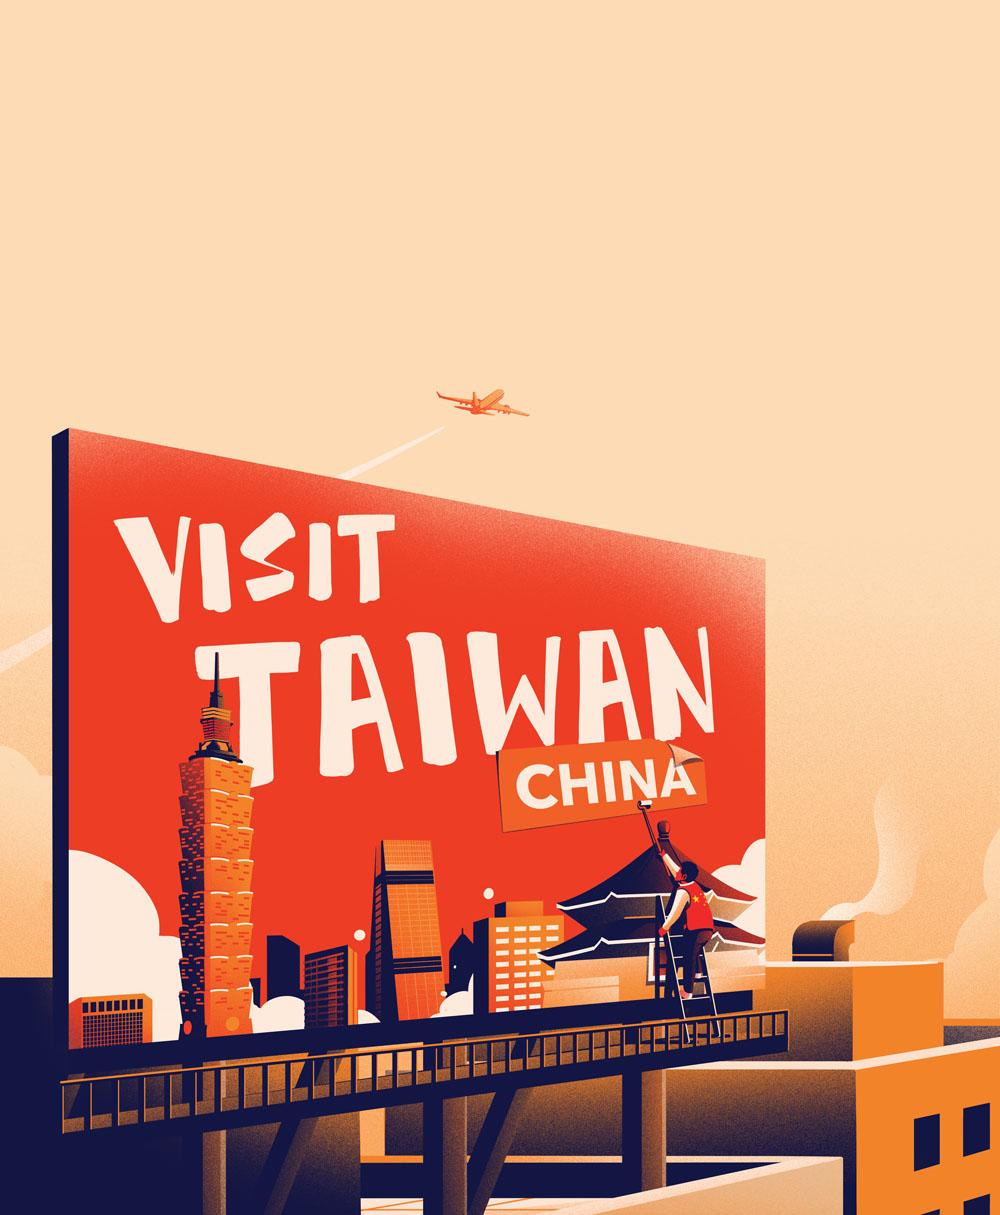 Visit Taiwan China - EC354